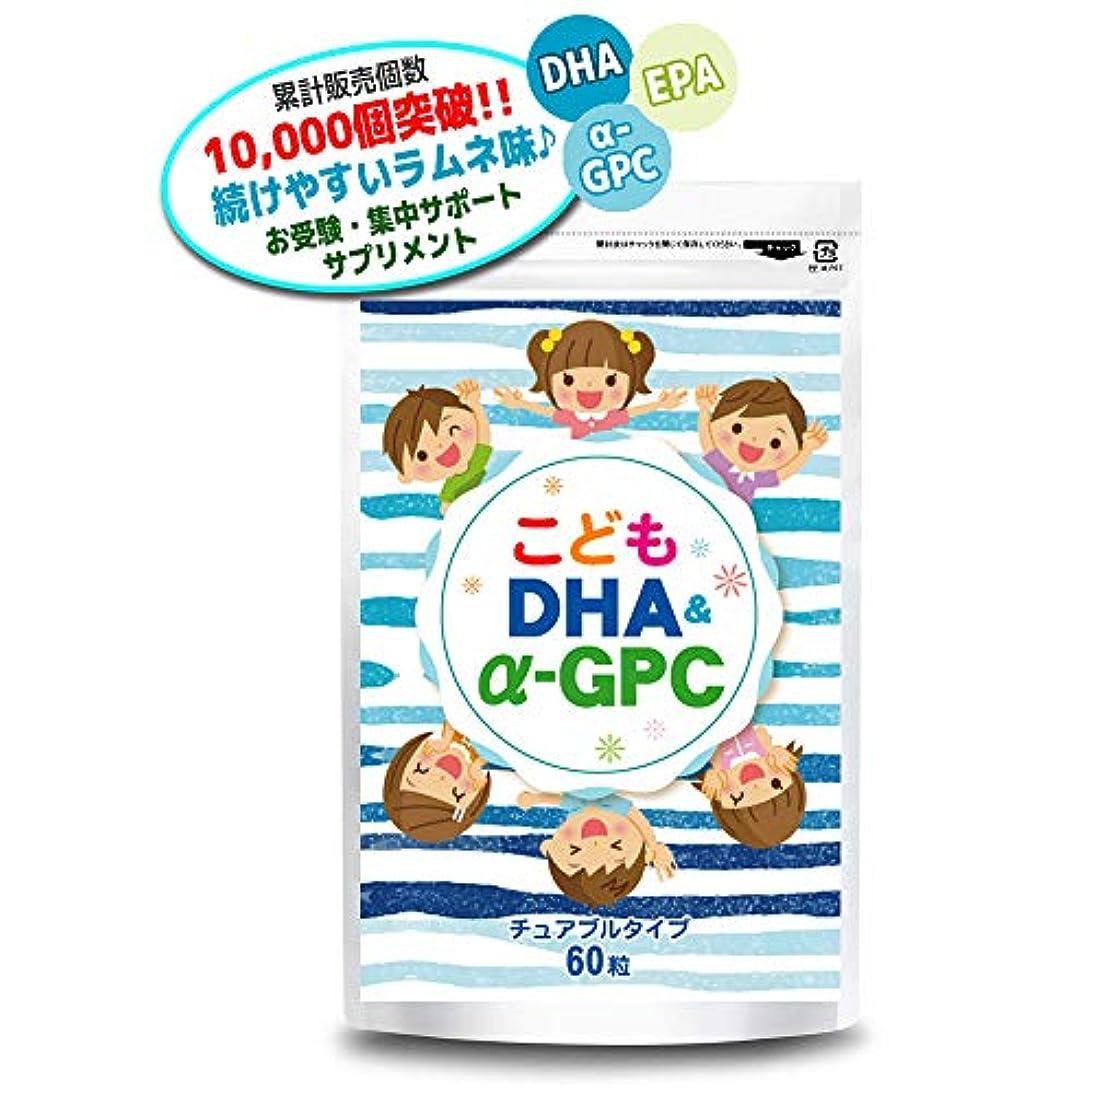 整然とした航海維持こども DHA&α-GPC DHA EPA α-GPC ホスファチジルセリン 配合 【集中?学習特化型サプリメント】 60粒約30日分